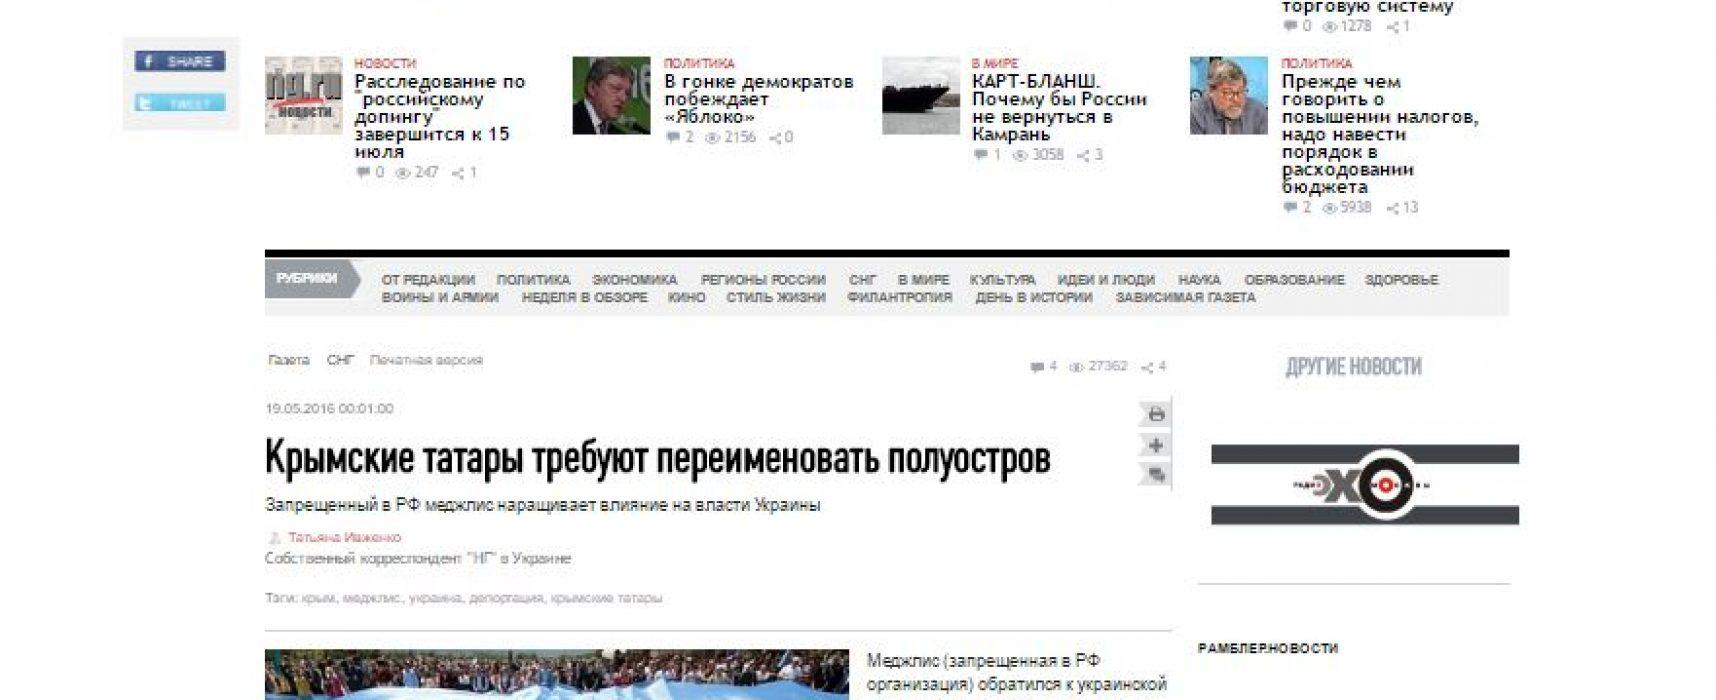 Фейк: Татары требуют переименовать Крымский полуостров